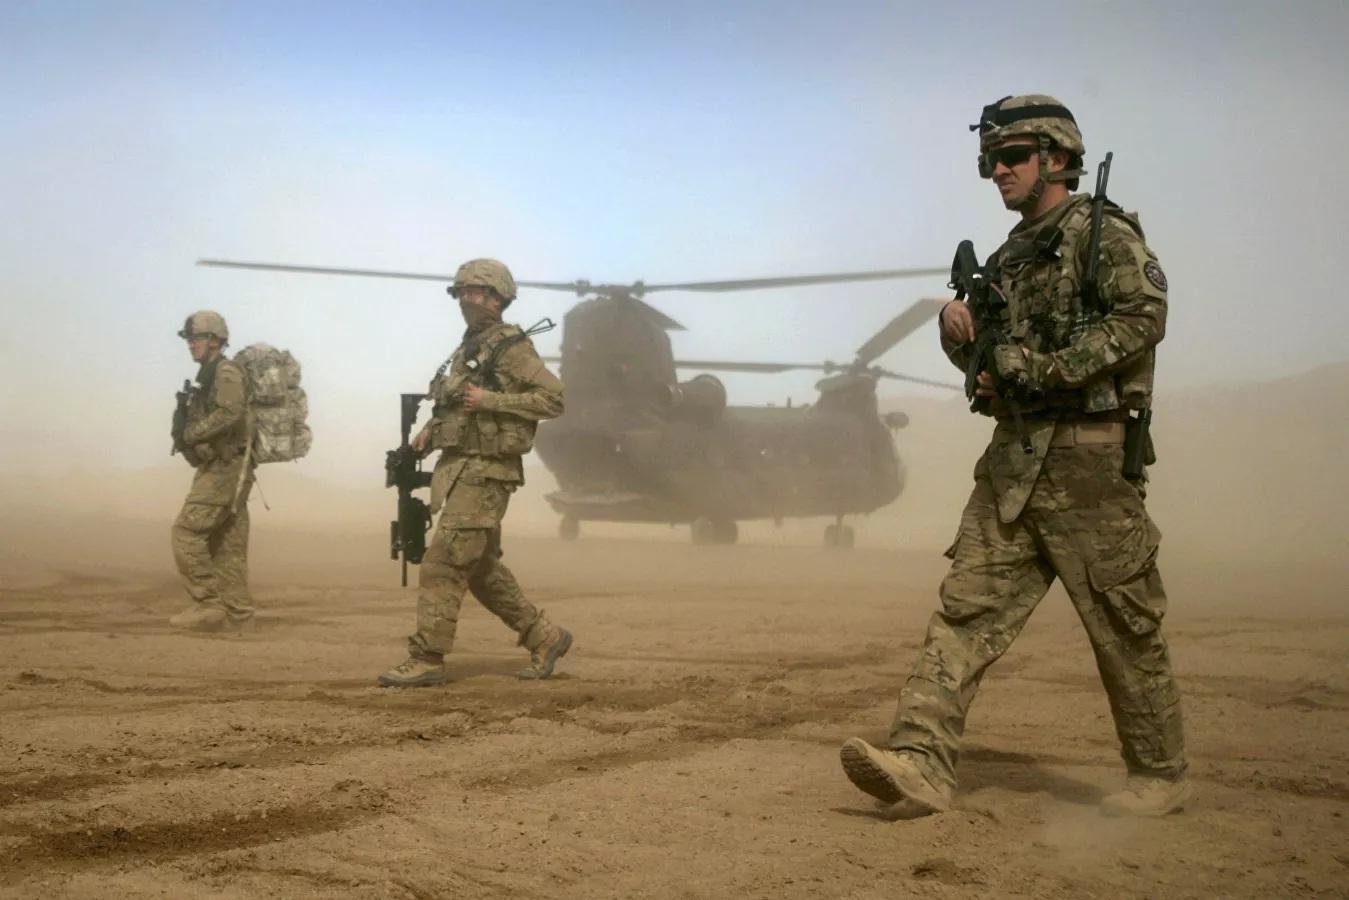 Nhà Trắng tiết lộ kế hoạch sau khi rút quân khỏi Afghanistan